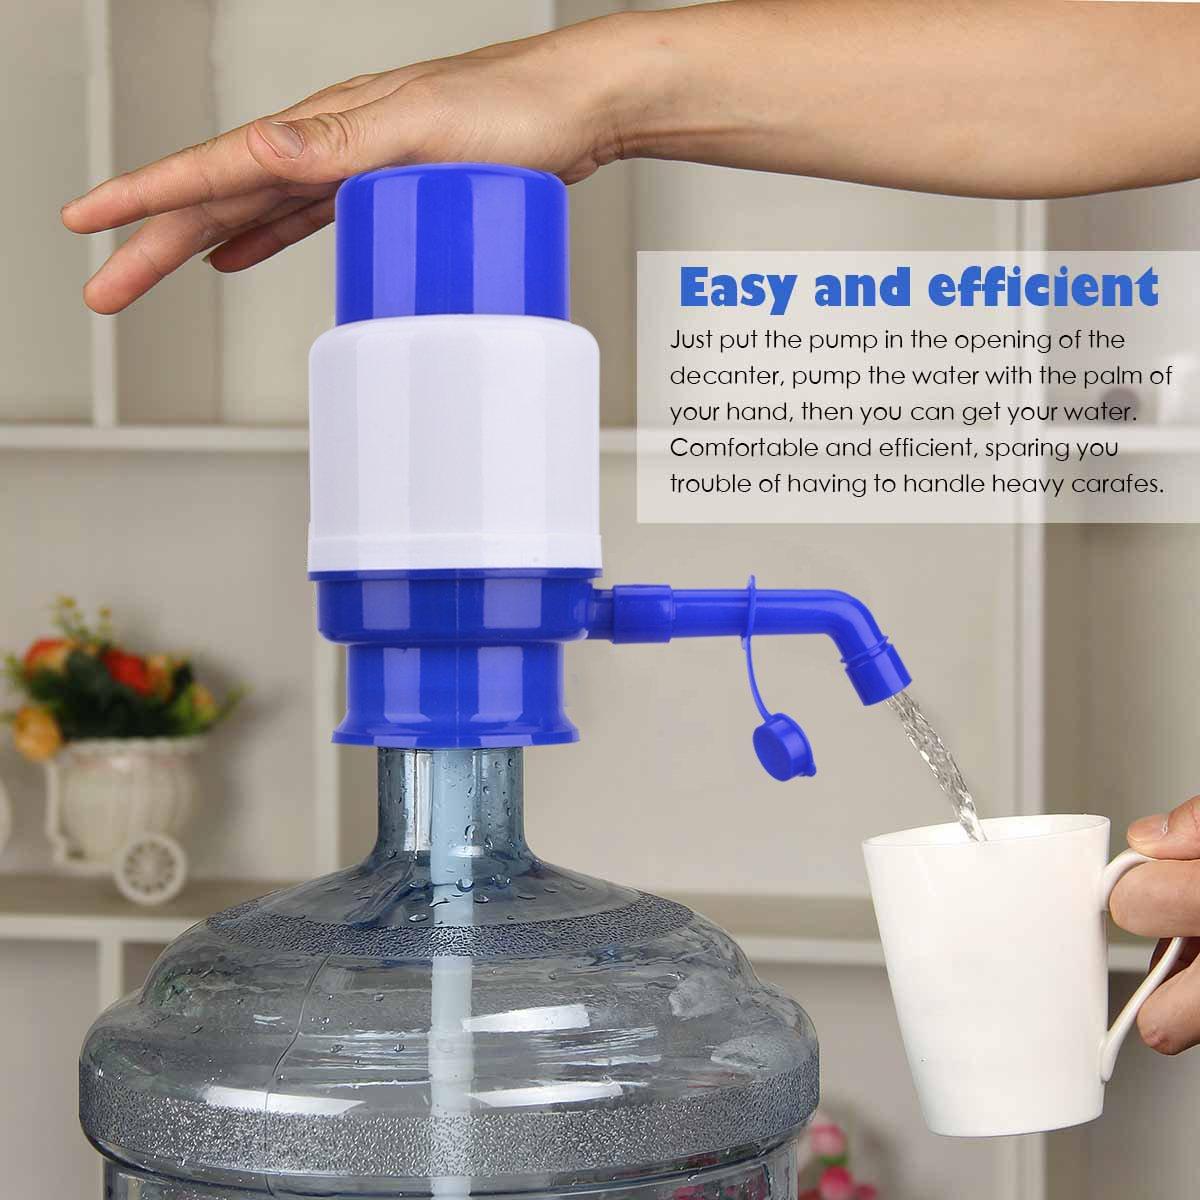 TankerStreet Bomba Dispensador de Agua Bomba de Manual Universal Sin BPA Compatible con Agua Embotellada Garrafas Botellas 2.5L/3L/5L/6L/8L/10L Usar en Casa ...